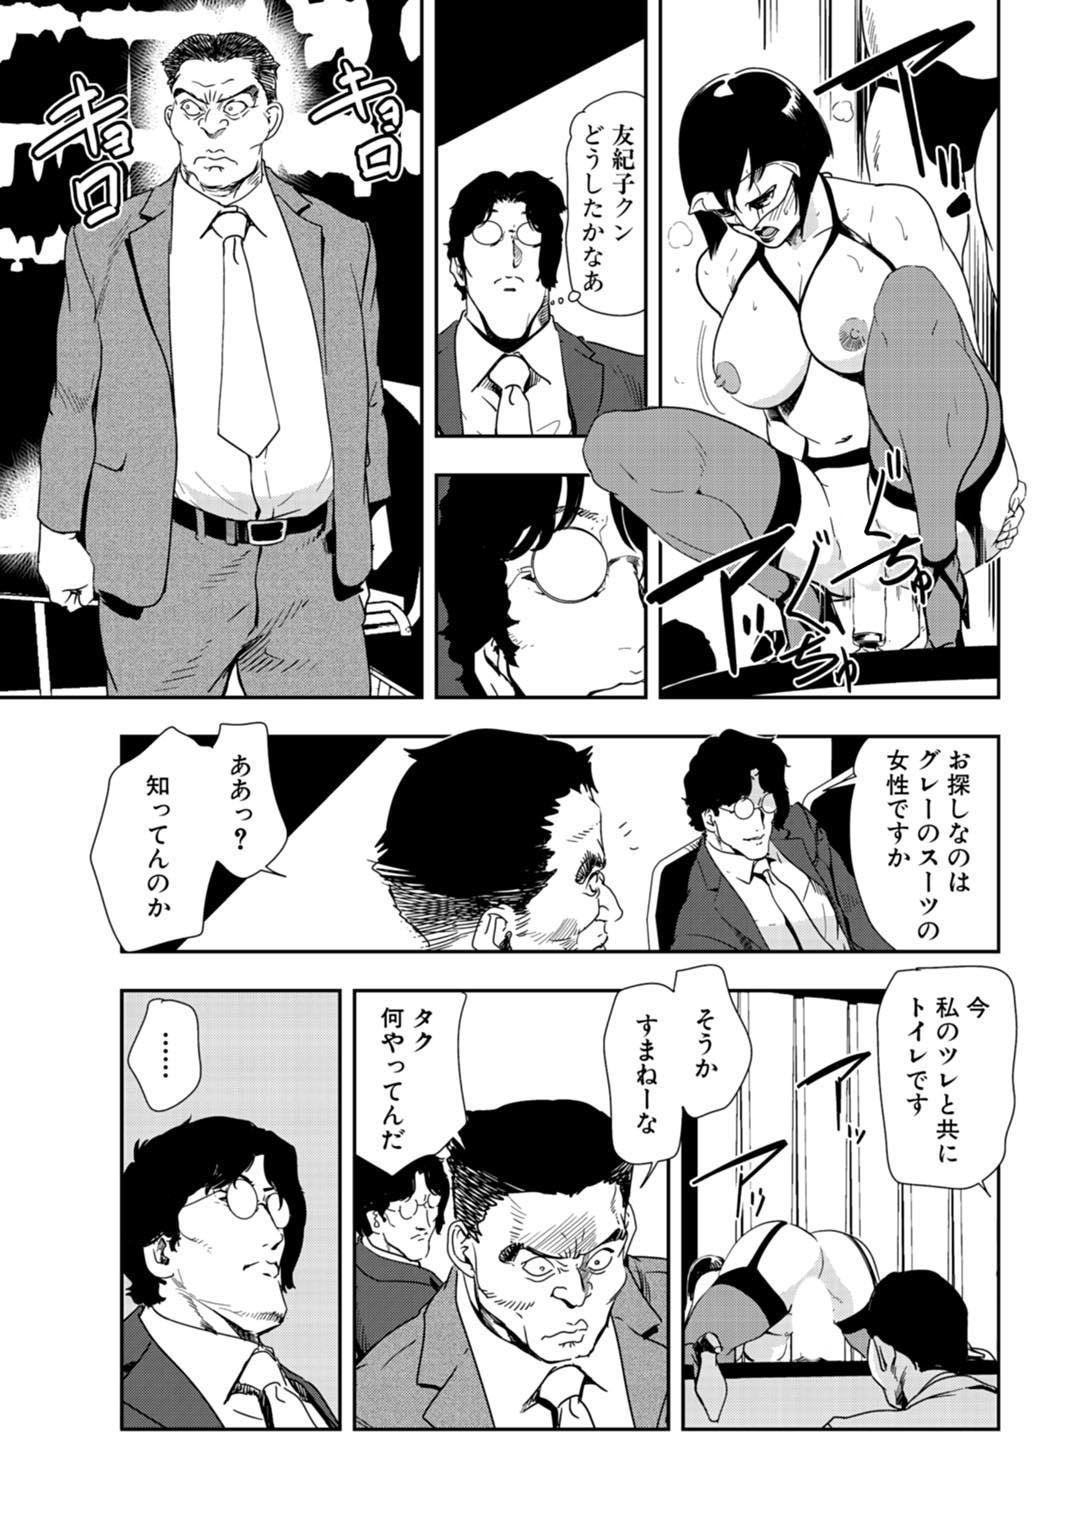 Nikuhisyo Yukiko 25 55